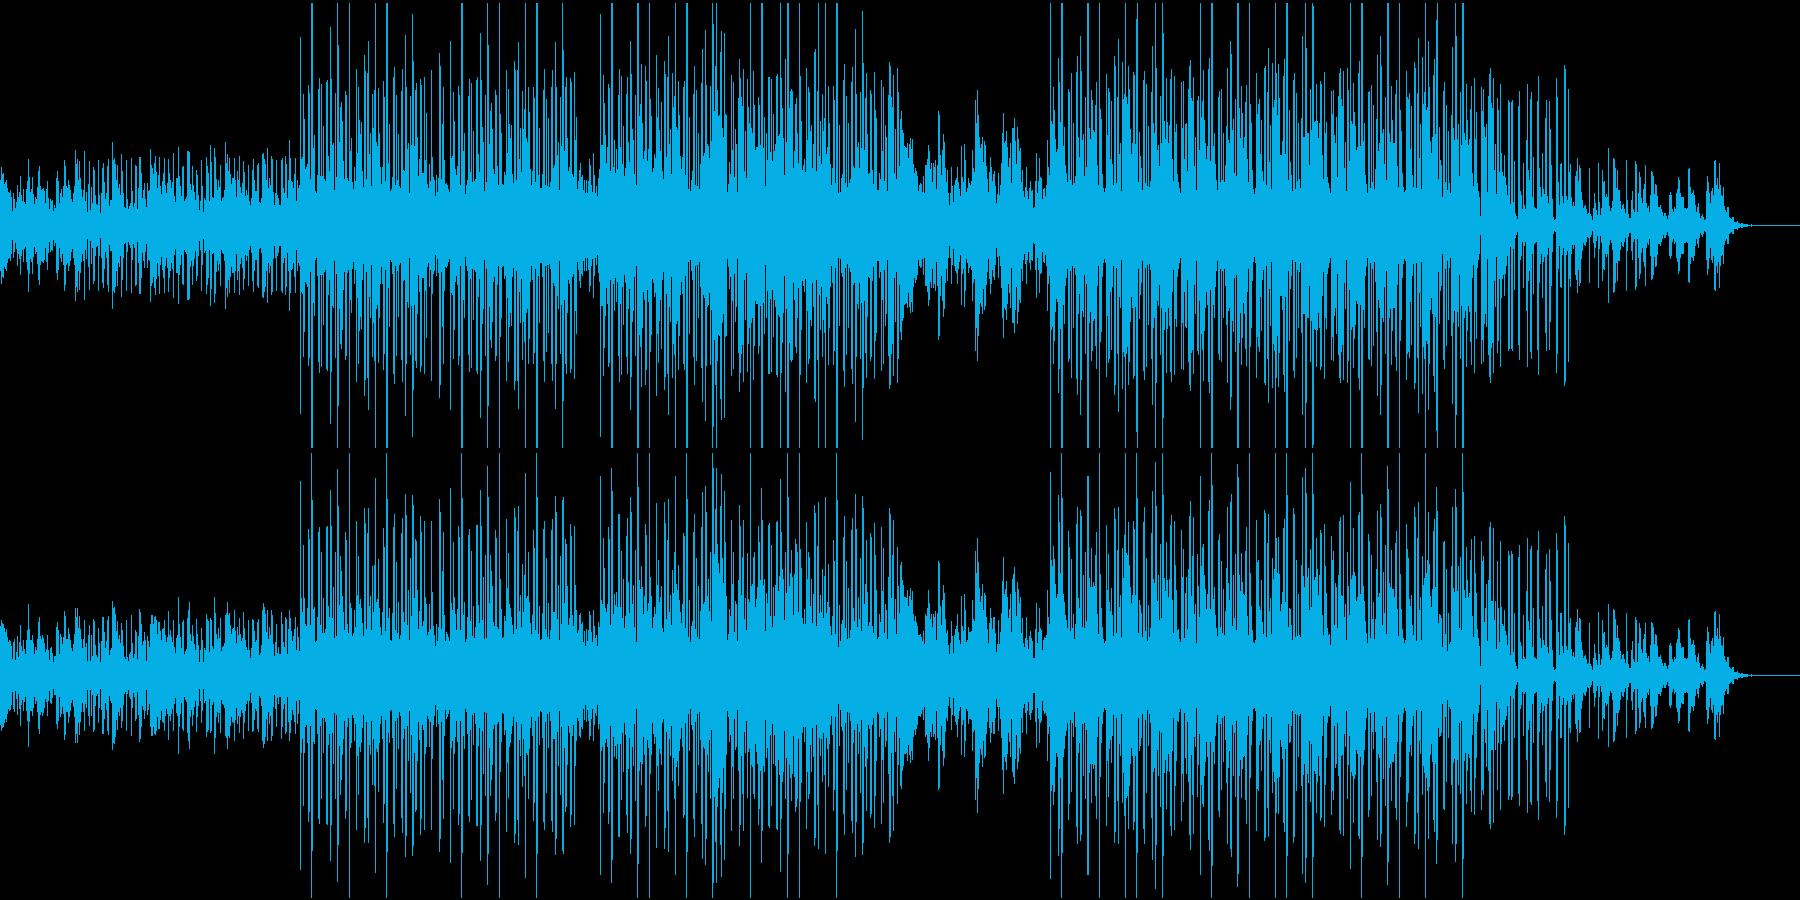 疾走感が気持ち良いエレクトロポップスの再生済みの波形